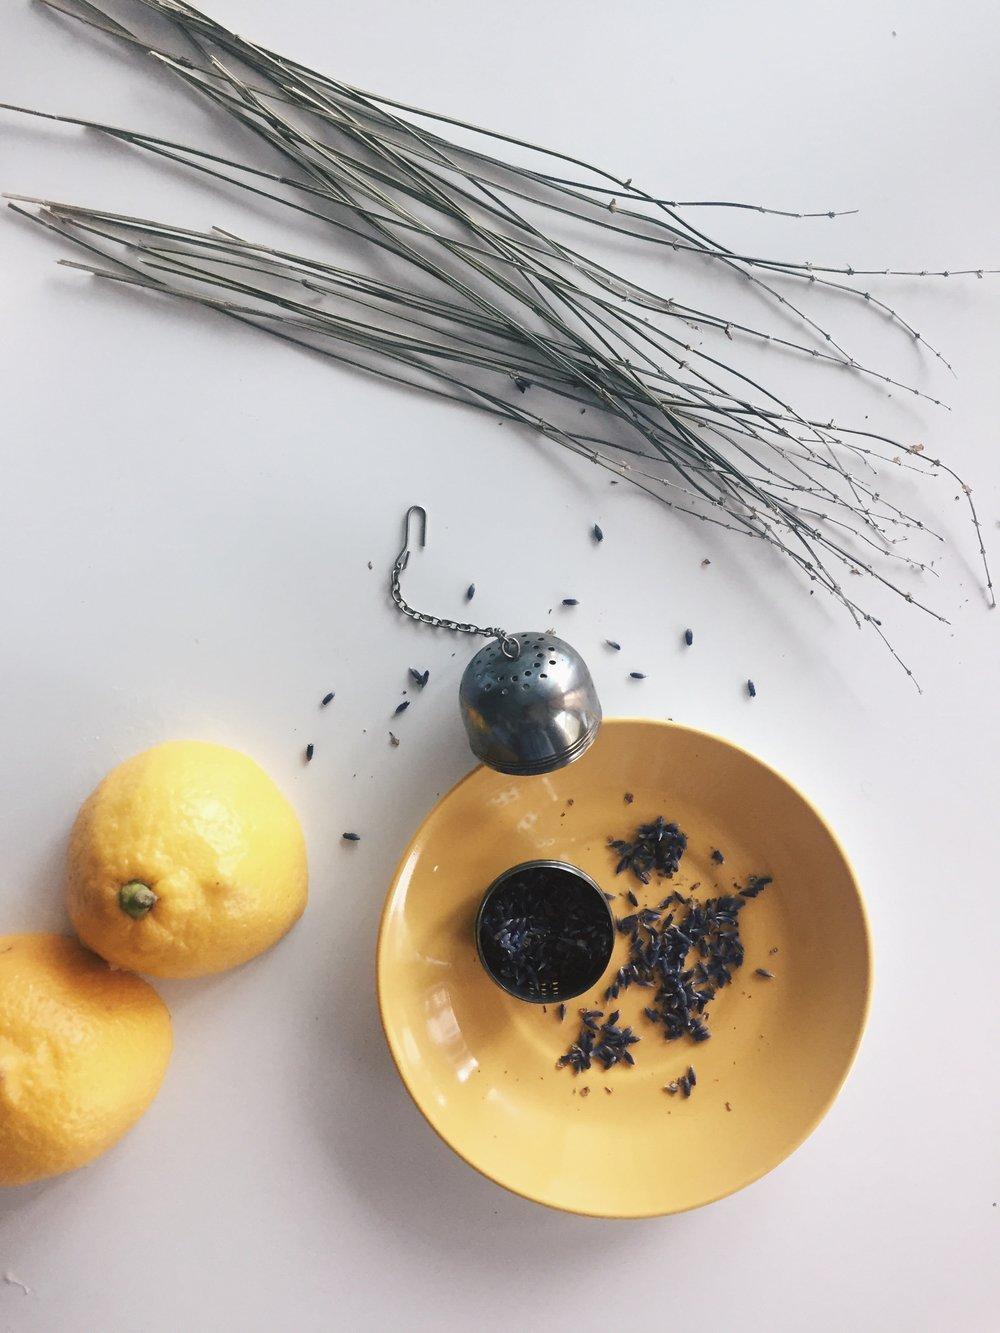 Ingredients for Lemon Lavender Syrup